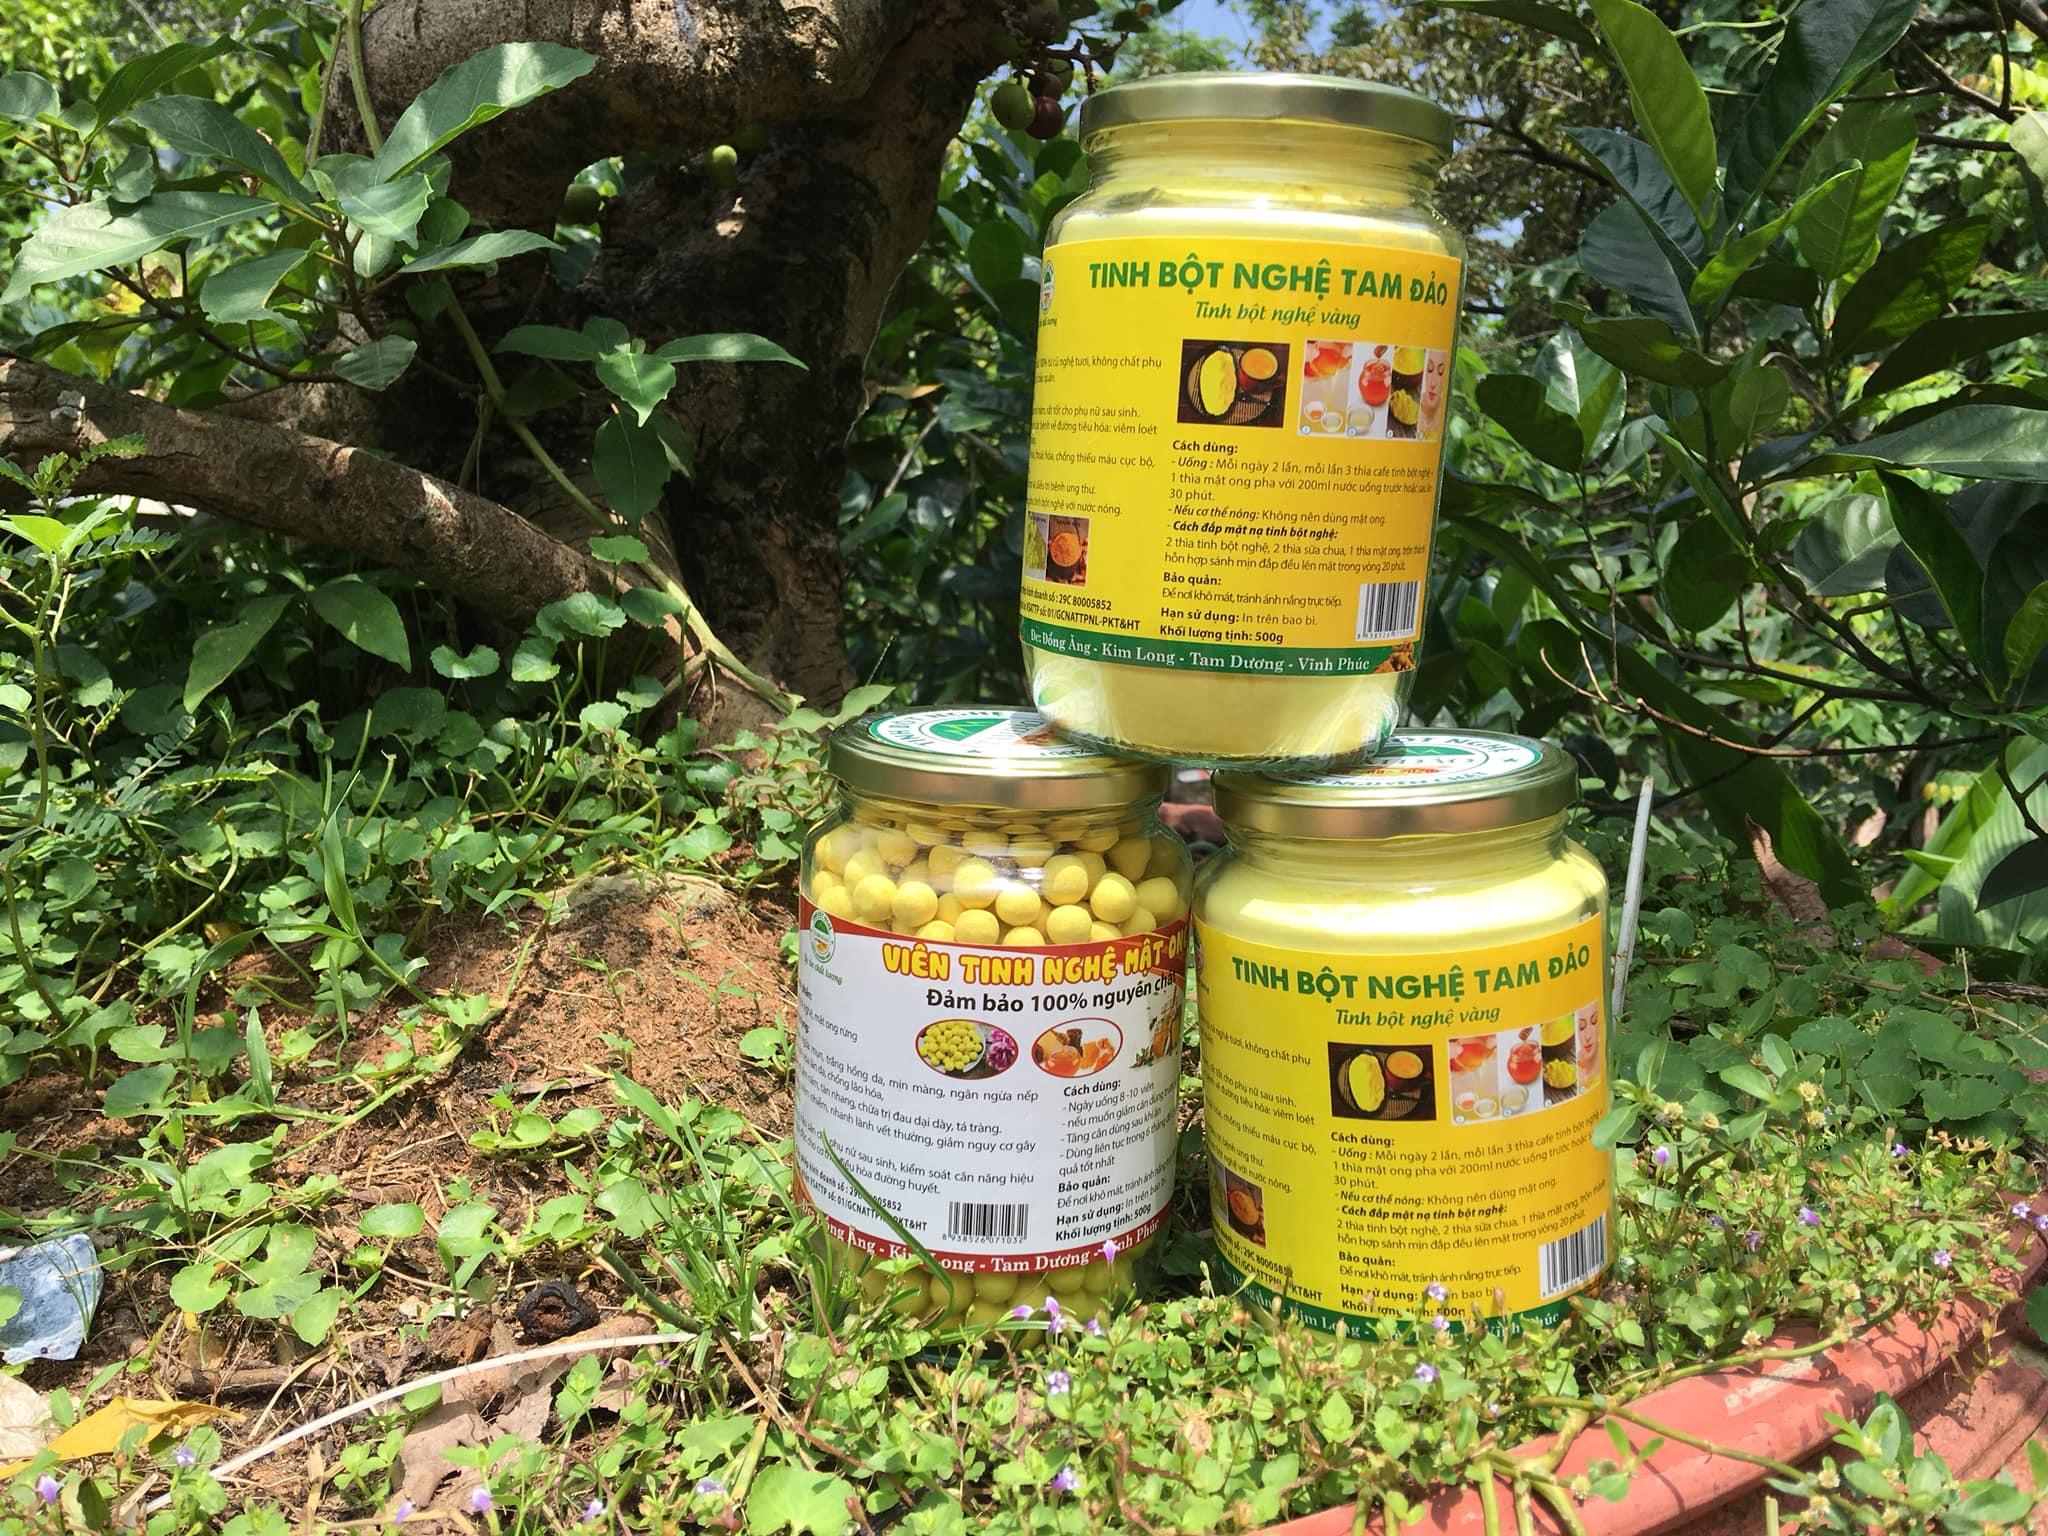 Mua bán tinh bột nghệ tại Bình Phước